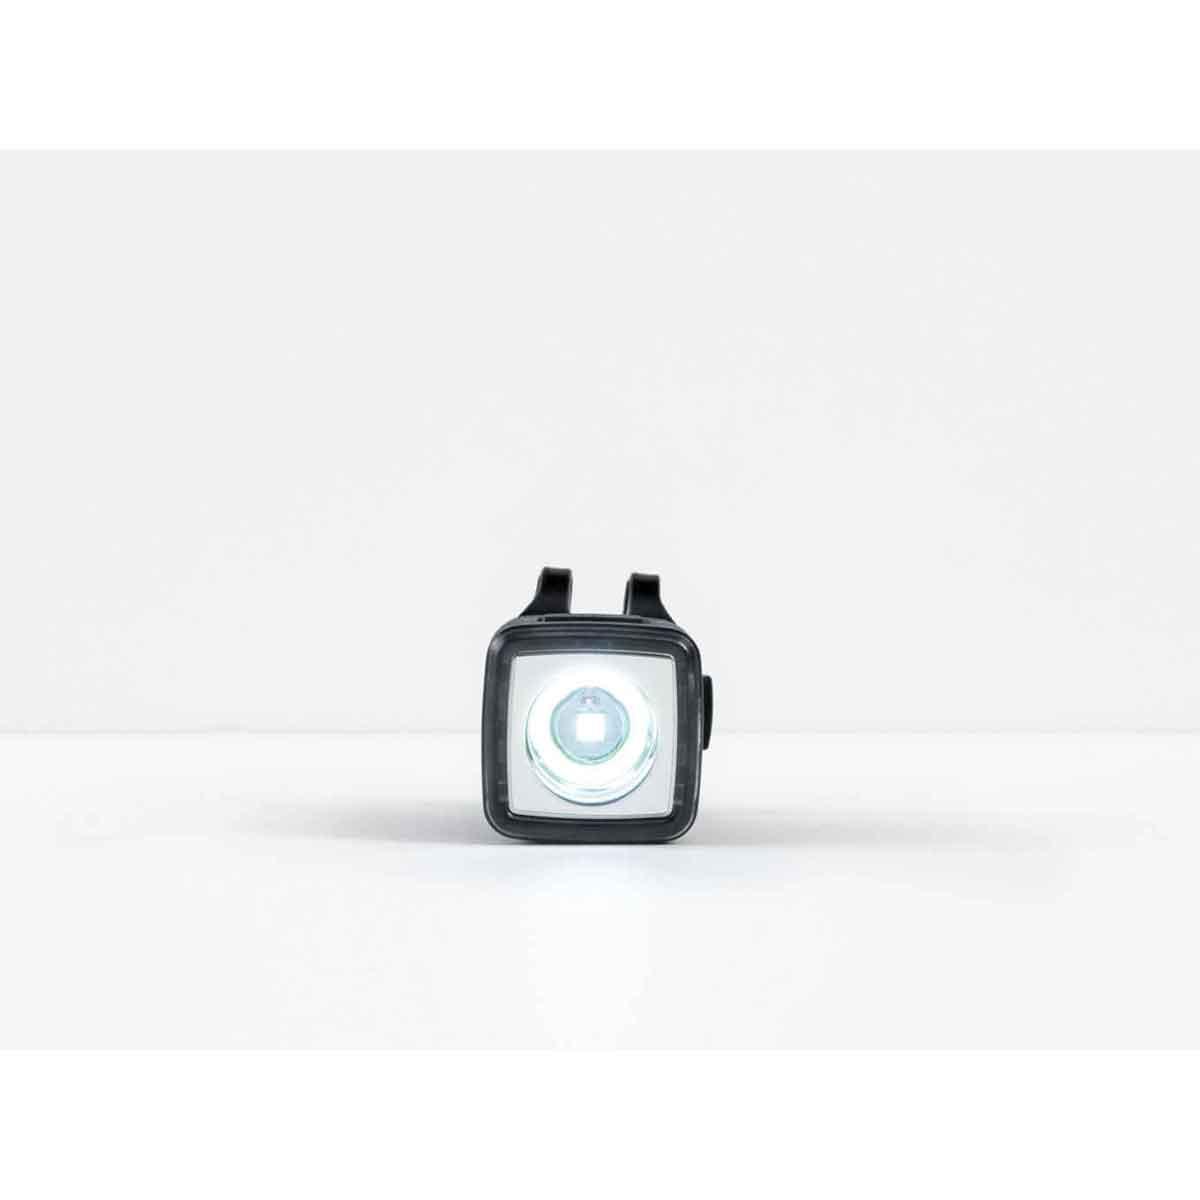 Farol Bontrager Ion 100R Regarregável USB-LEd Cree seja visto mesmo durante o dia.